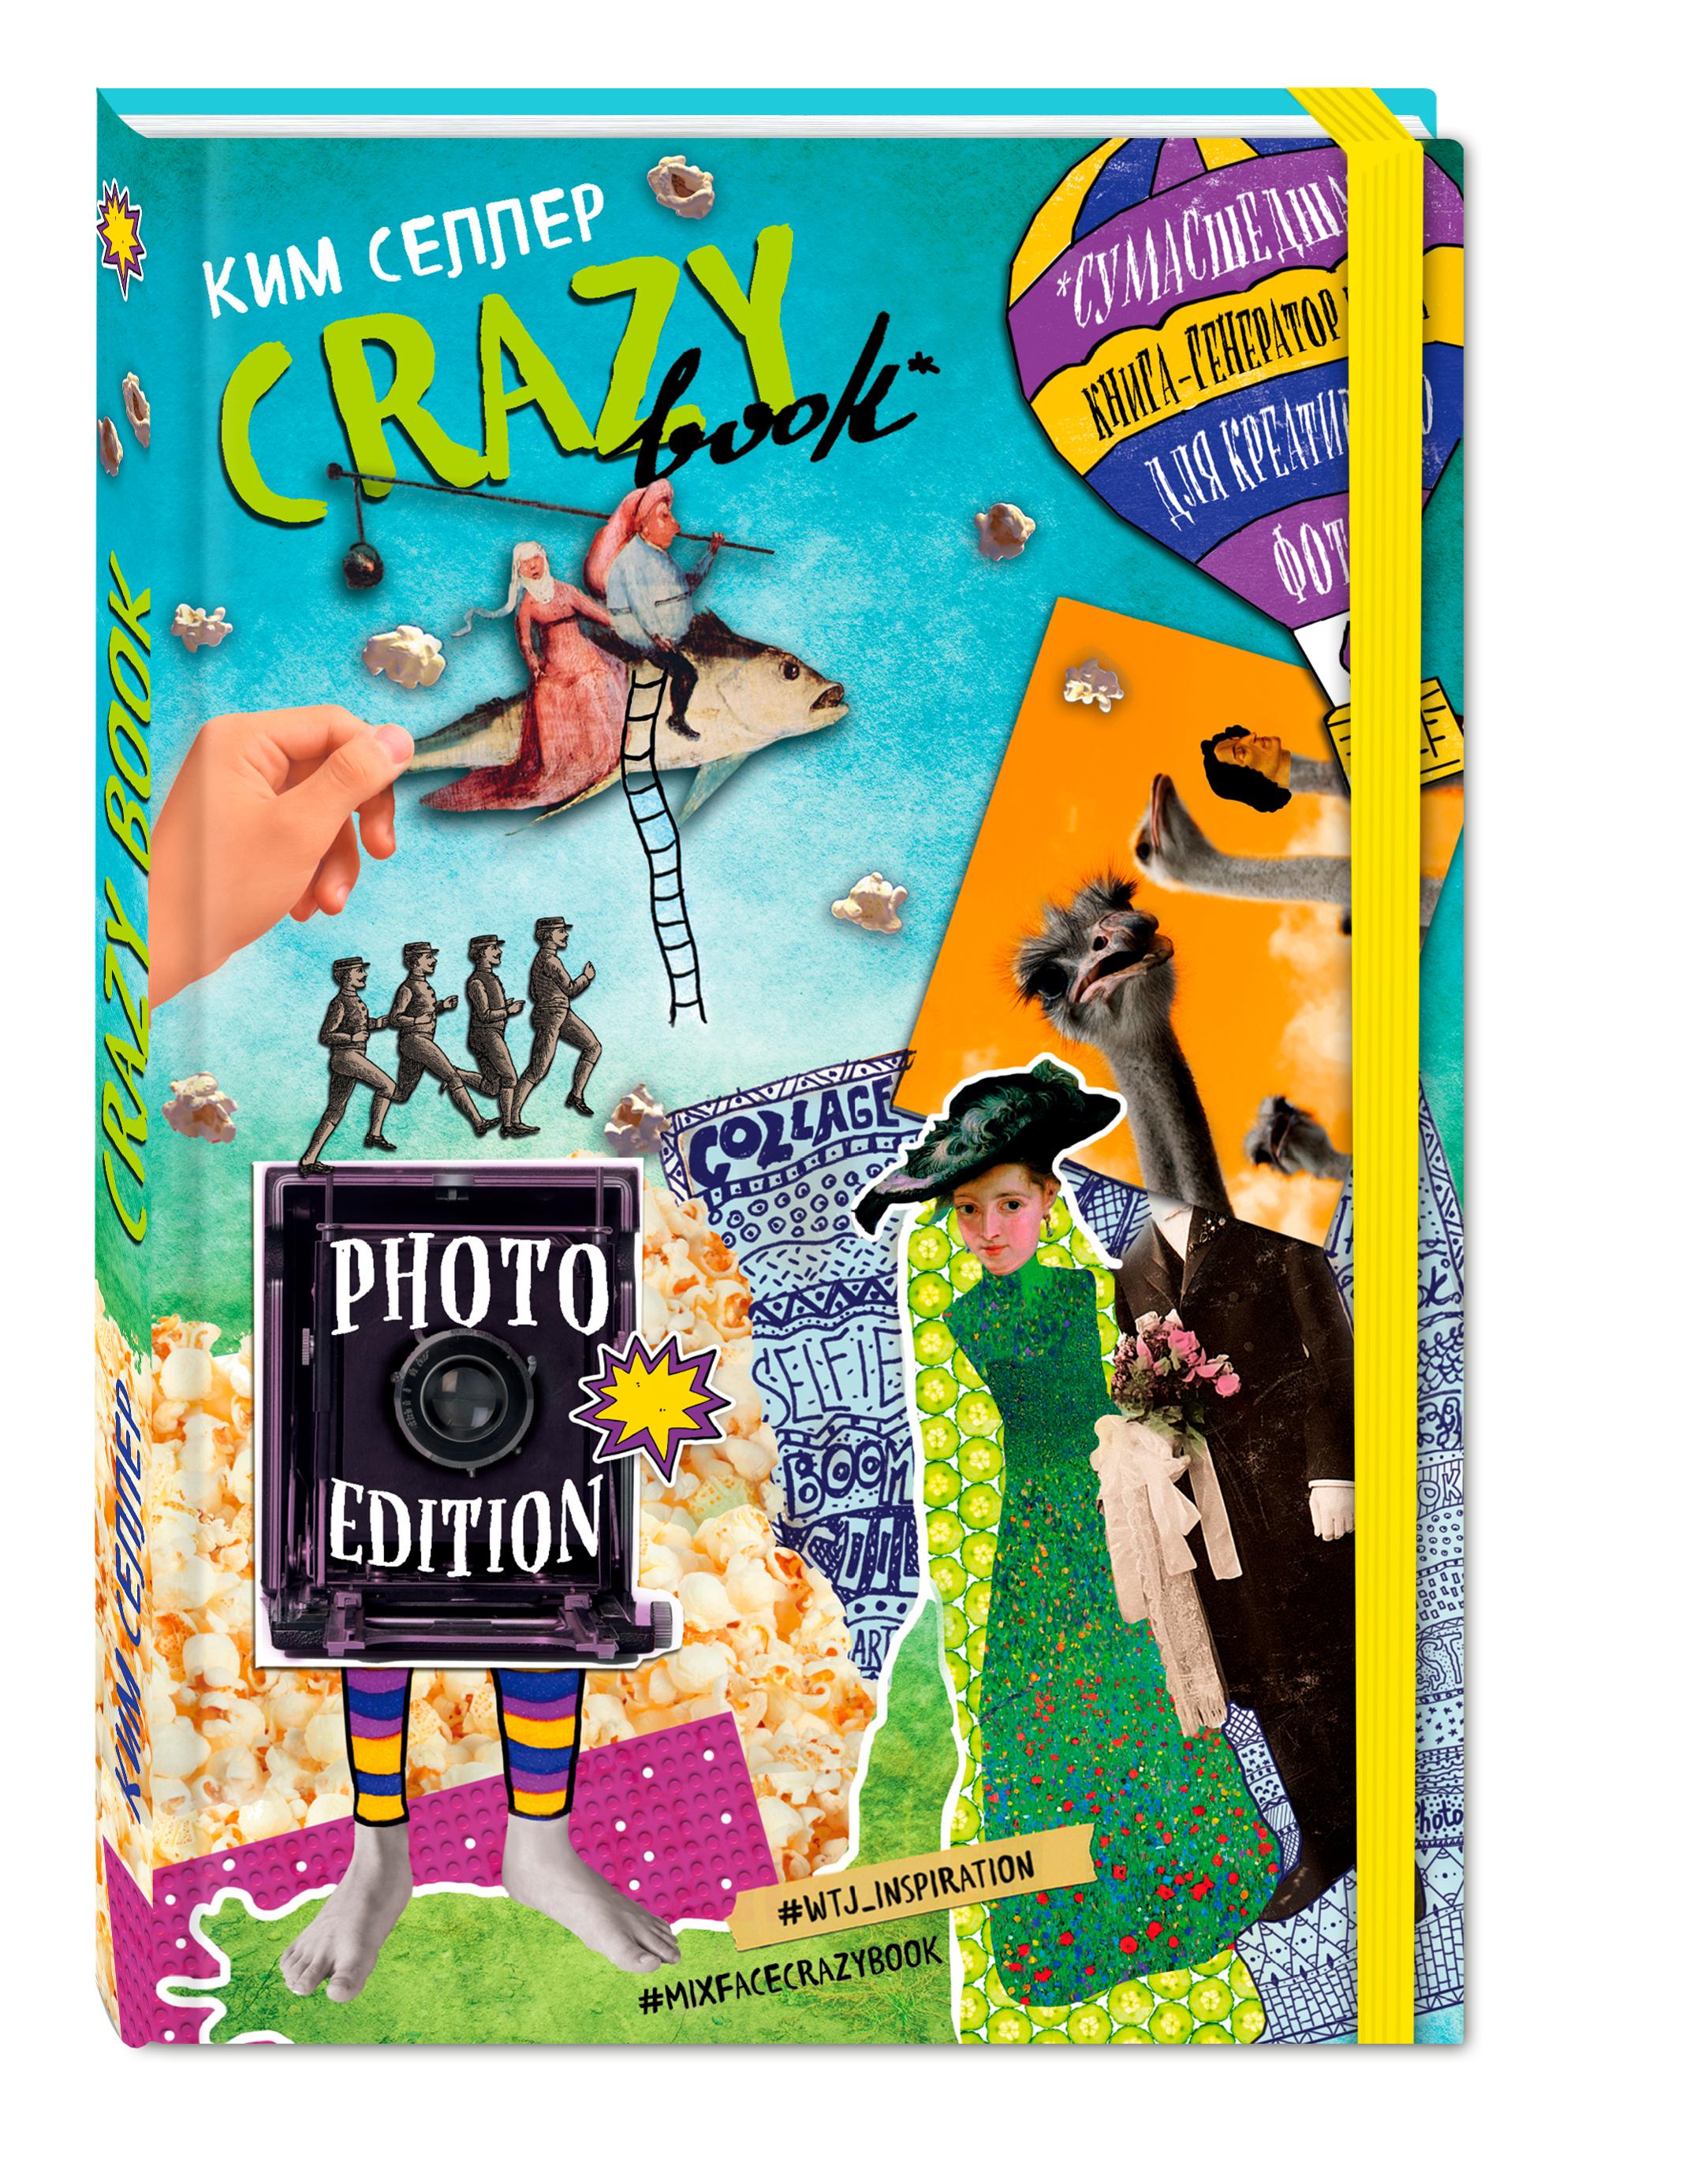 Crazy book. Photo edition. Сумасшедшая книга-генератор идей для креативных фото (обложка с коллажем) ( Селлер Ким  )